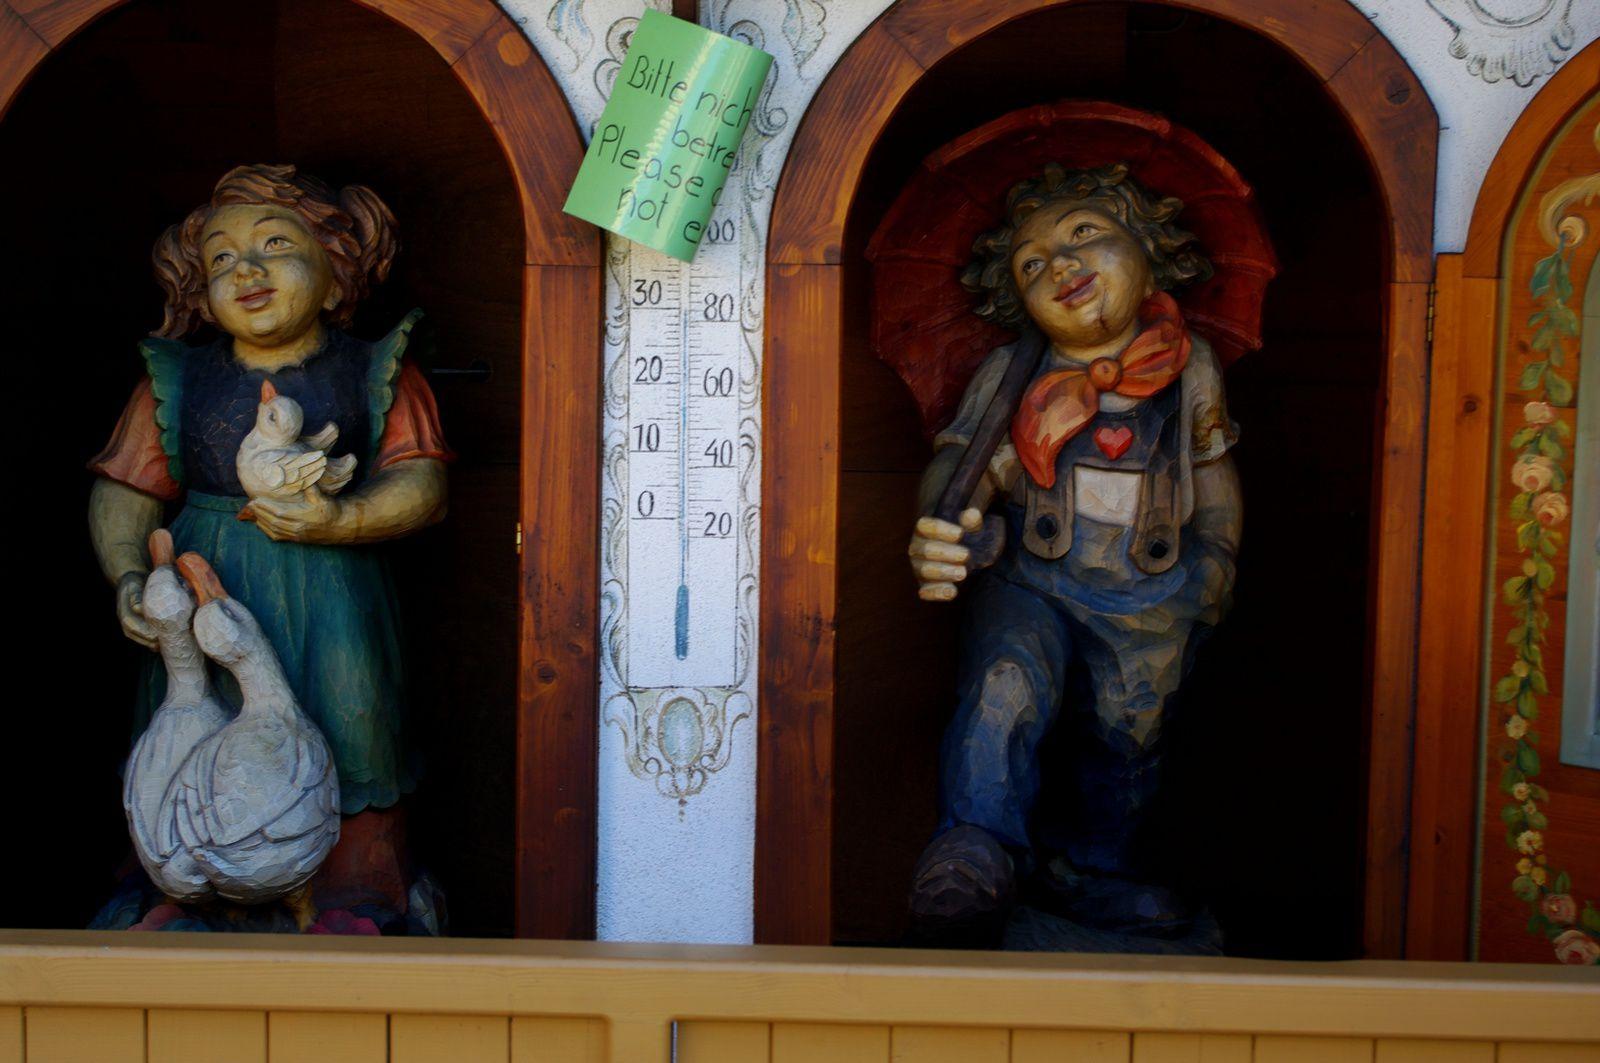 retour de finlande: lûneburg , triberg et le lac titisee en allemagne